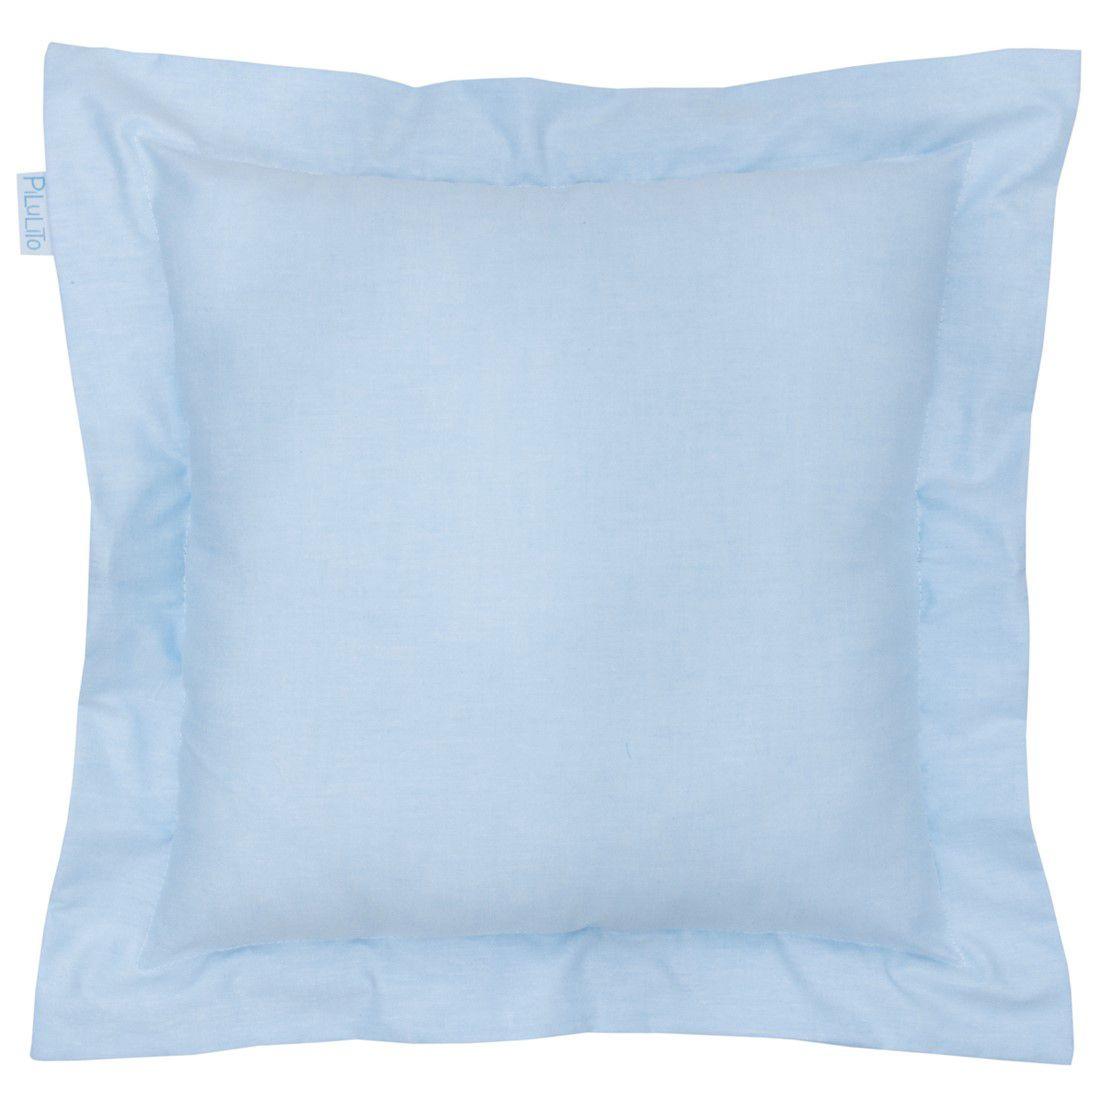 Capa de almofada 40x40cm azul céu